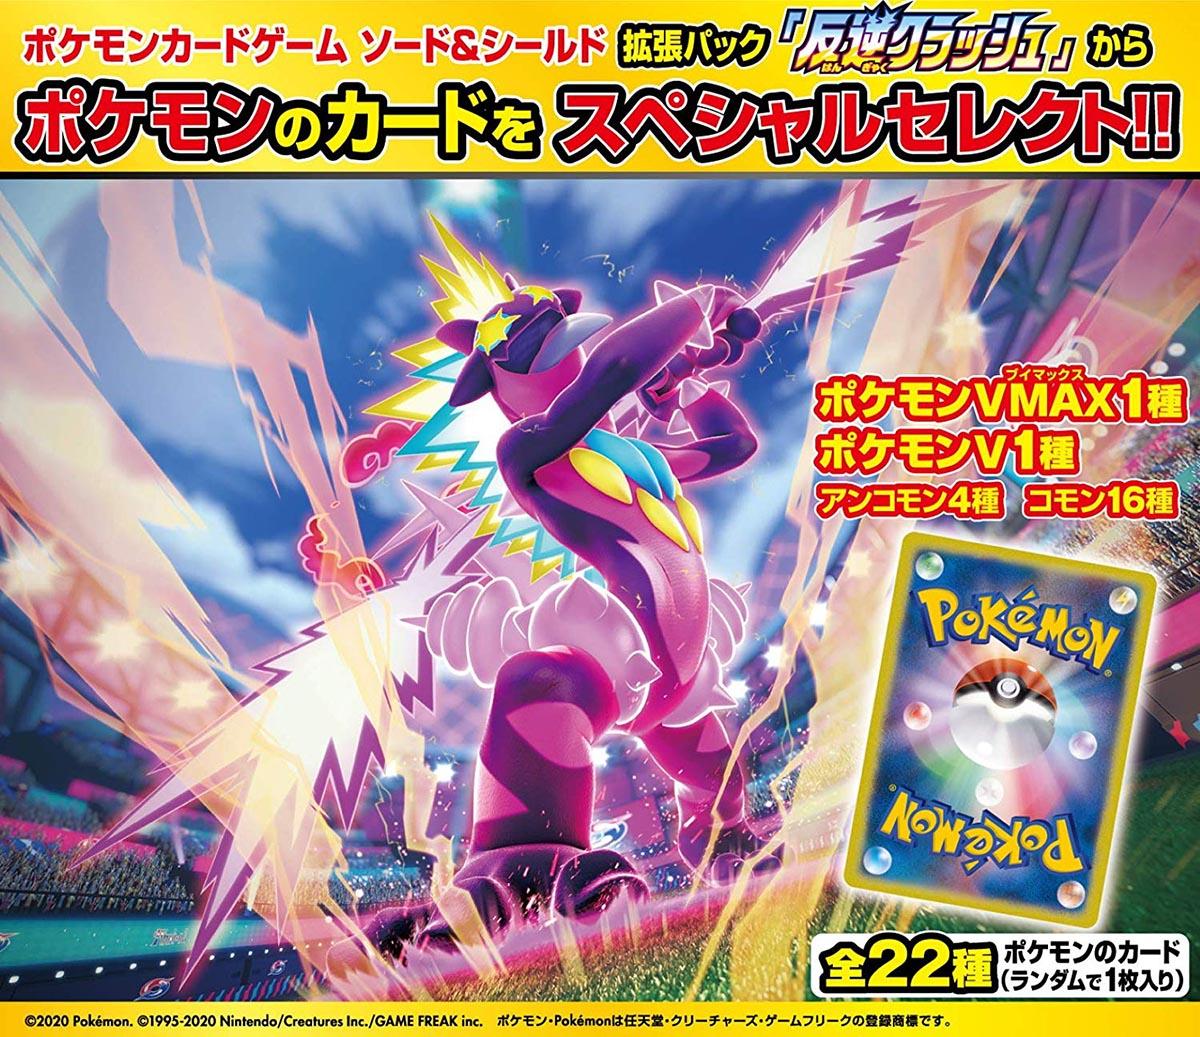 【食玩】ポケモンカードゲームグミ『ソード&シールド 反逆クラッシュ』20個入りBOX-002